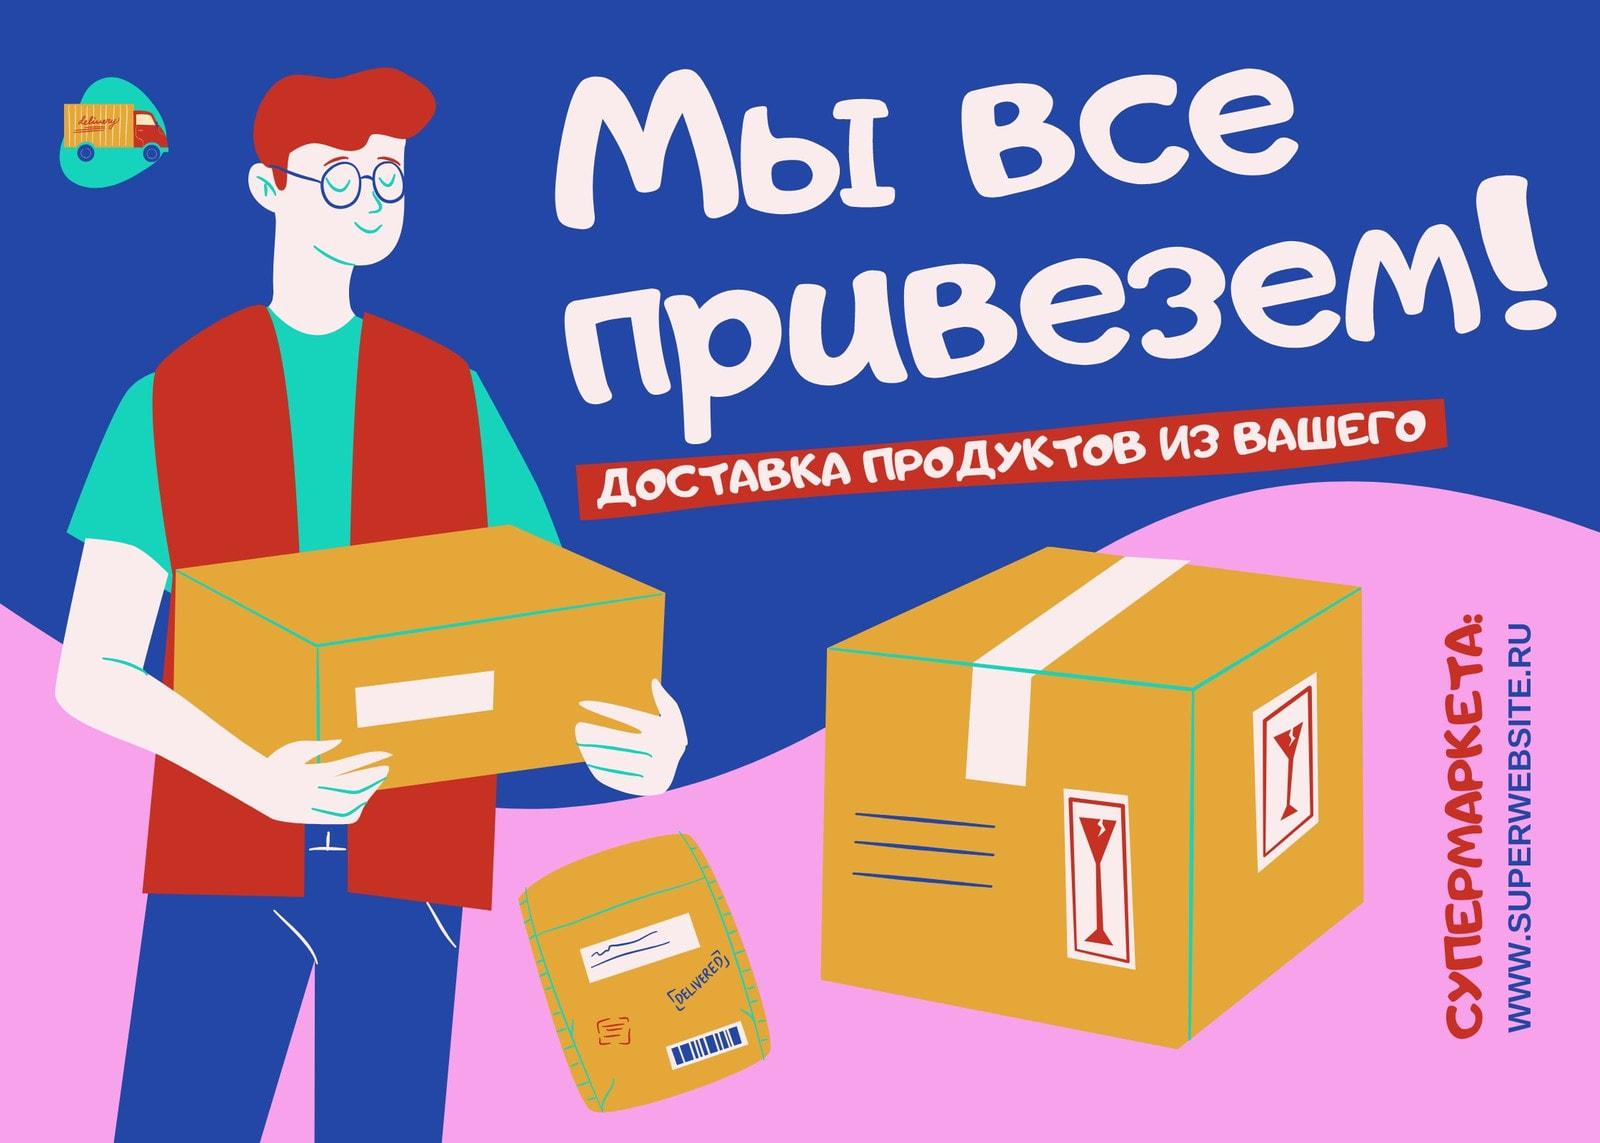 Цветная публикация в ВК с рисунком курьера с посылками